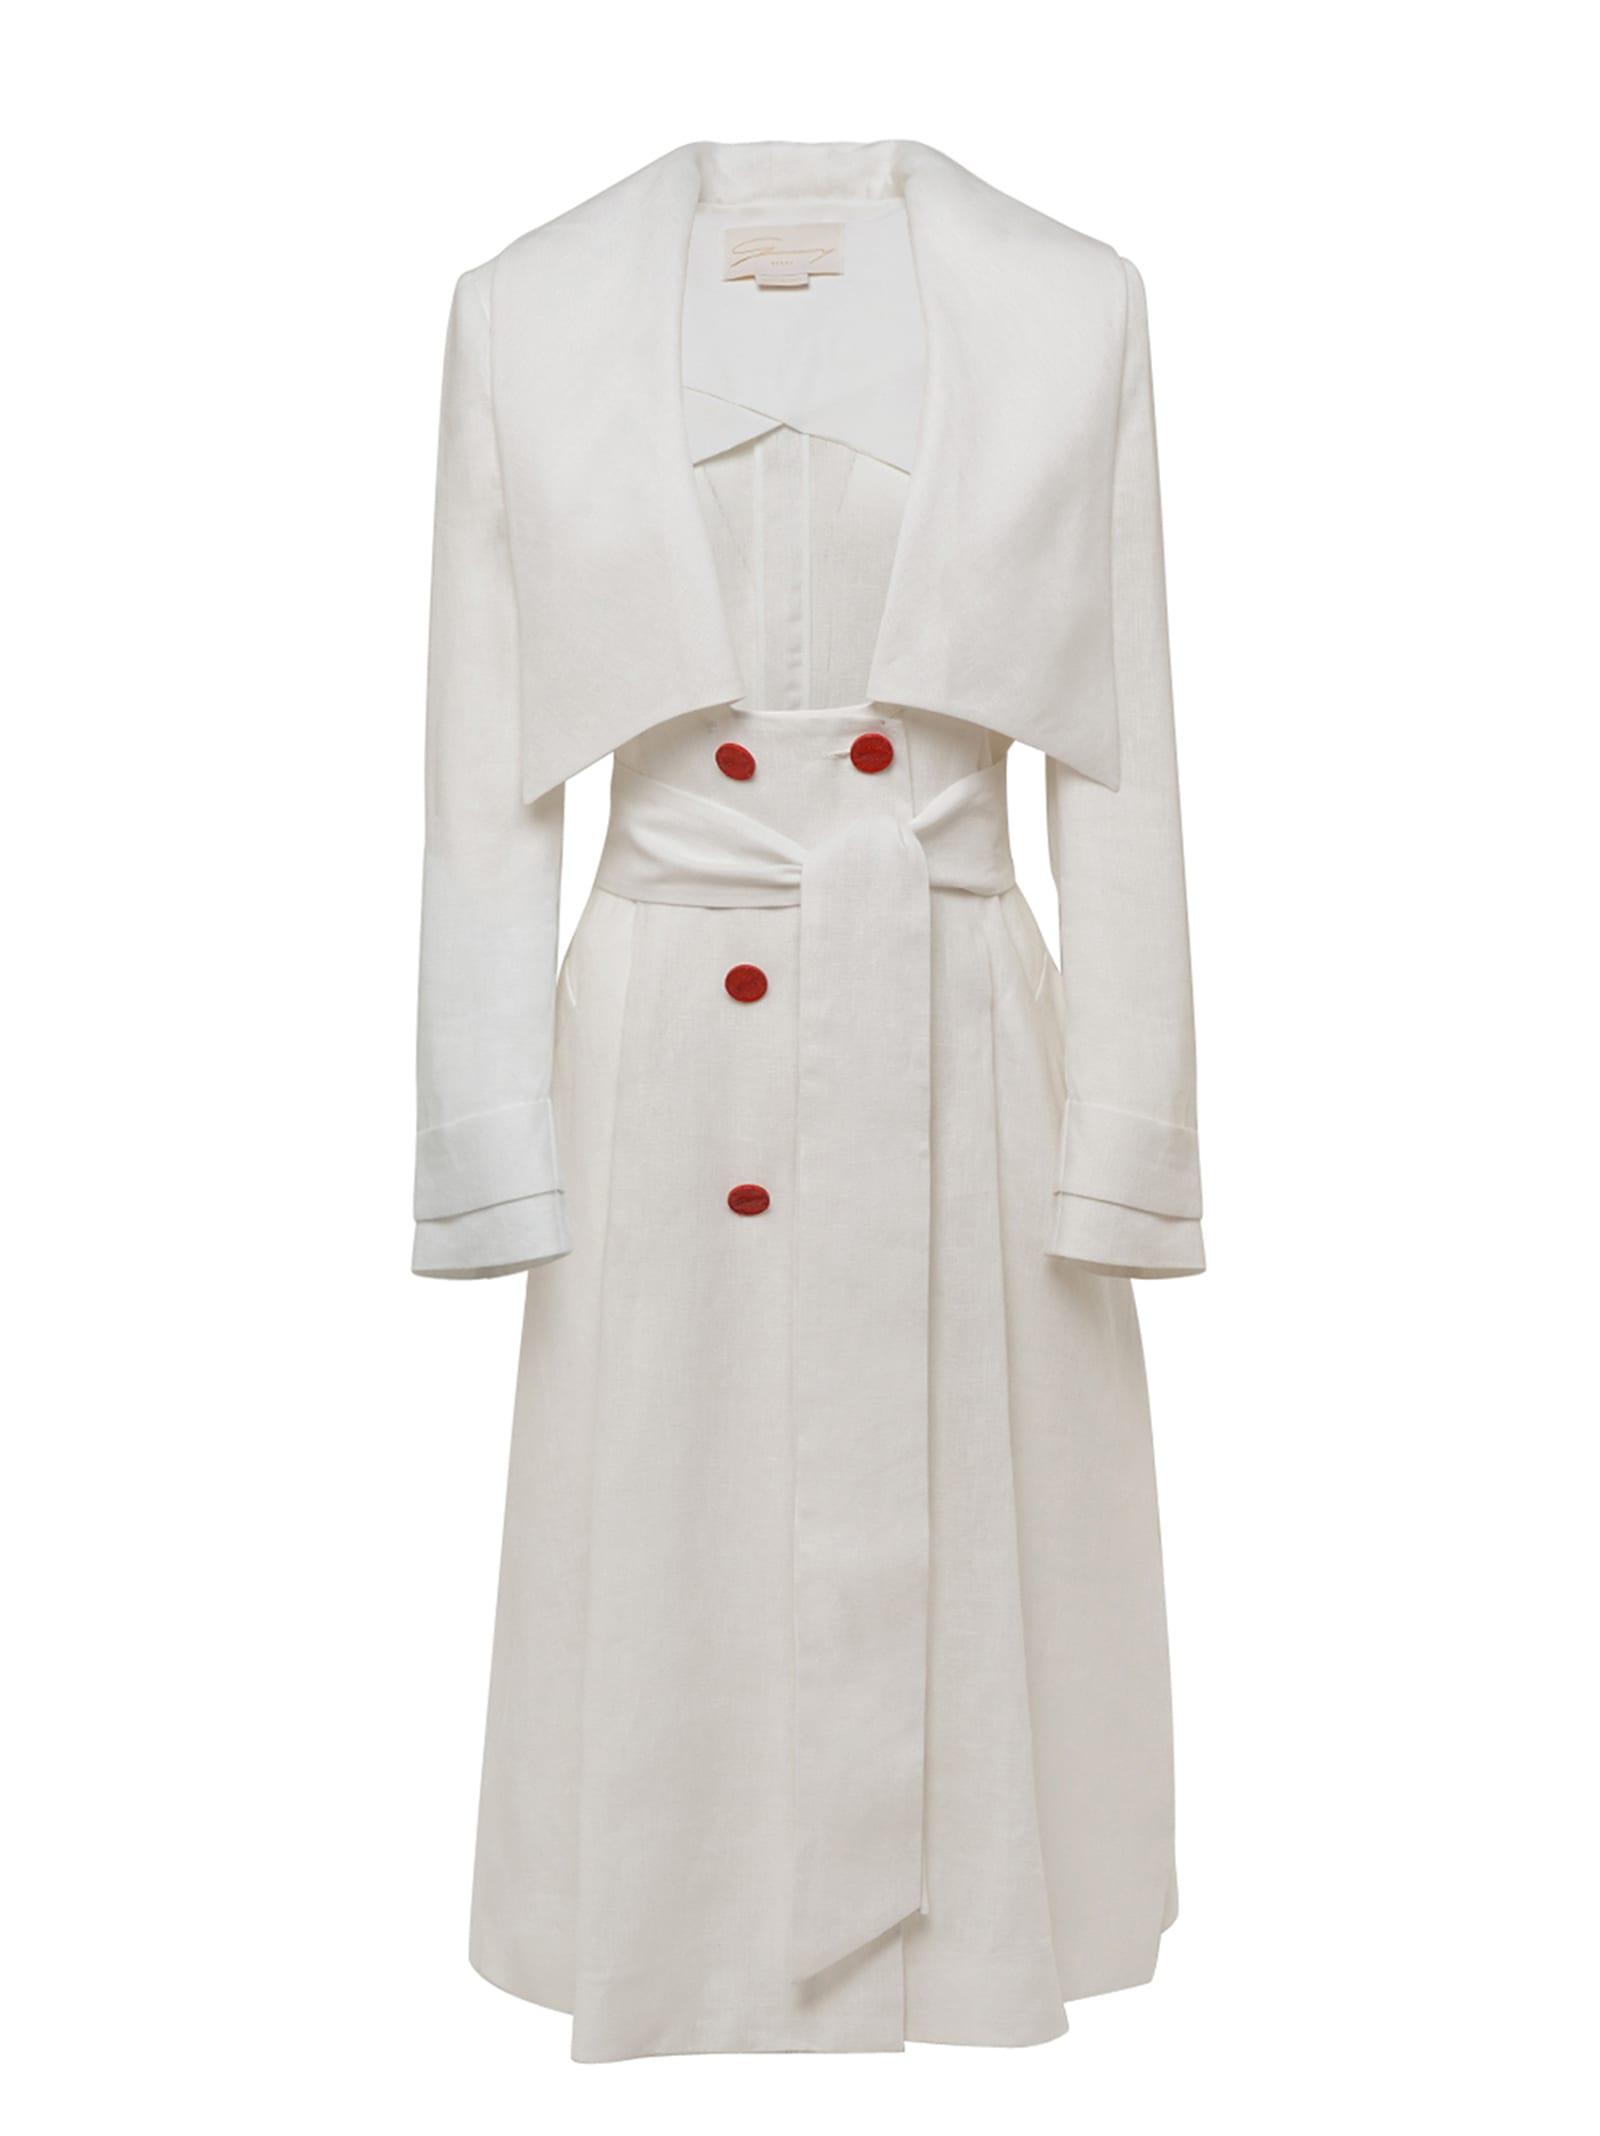 White Linen Trench Coat